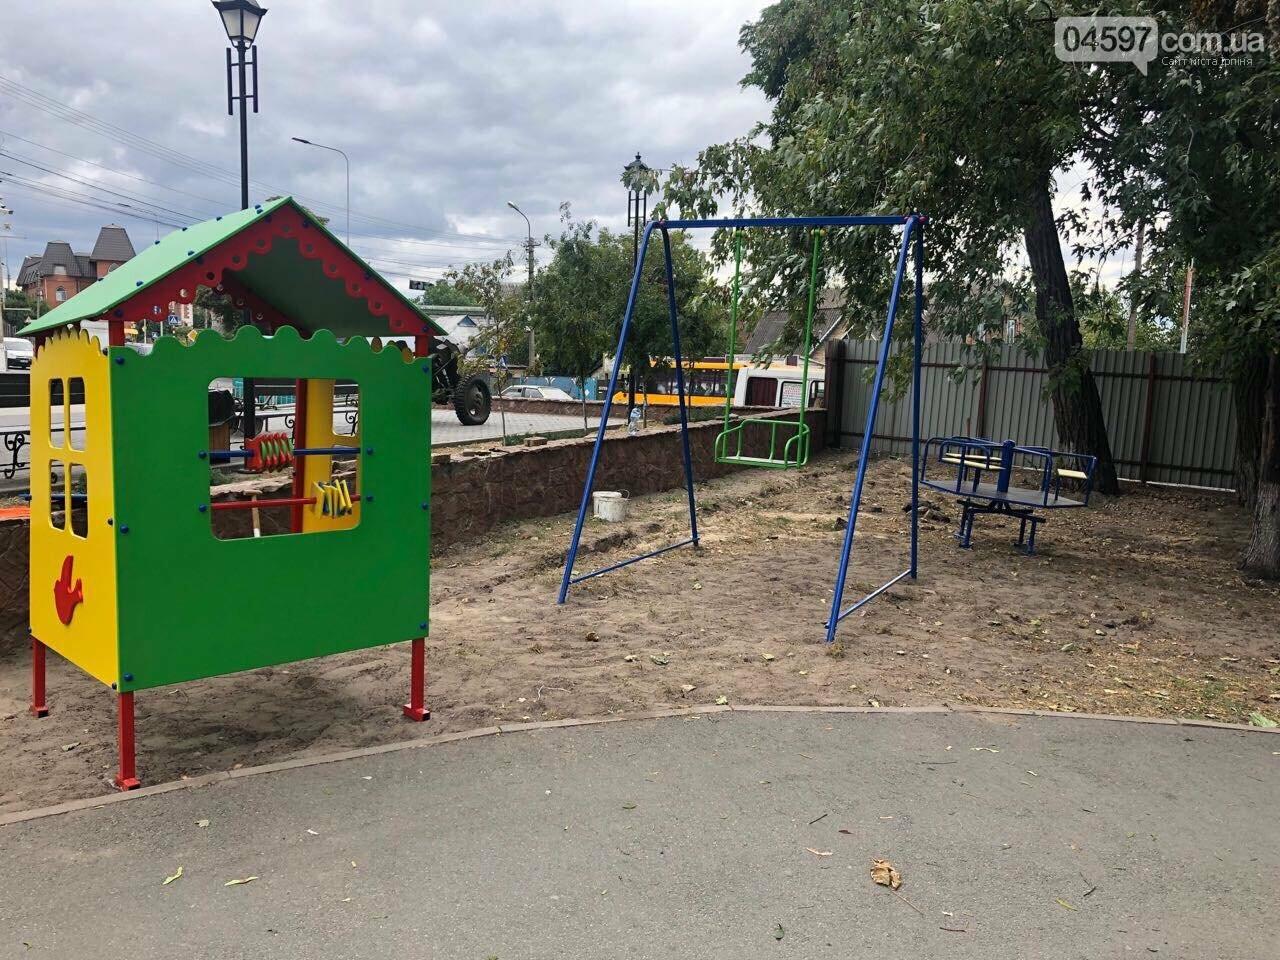 У Гостомелі встановлюють новий дитячий майданчик, фото-1